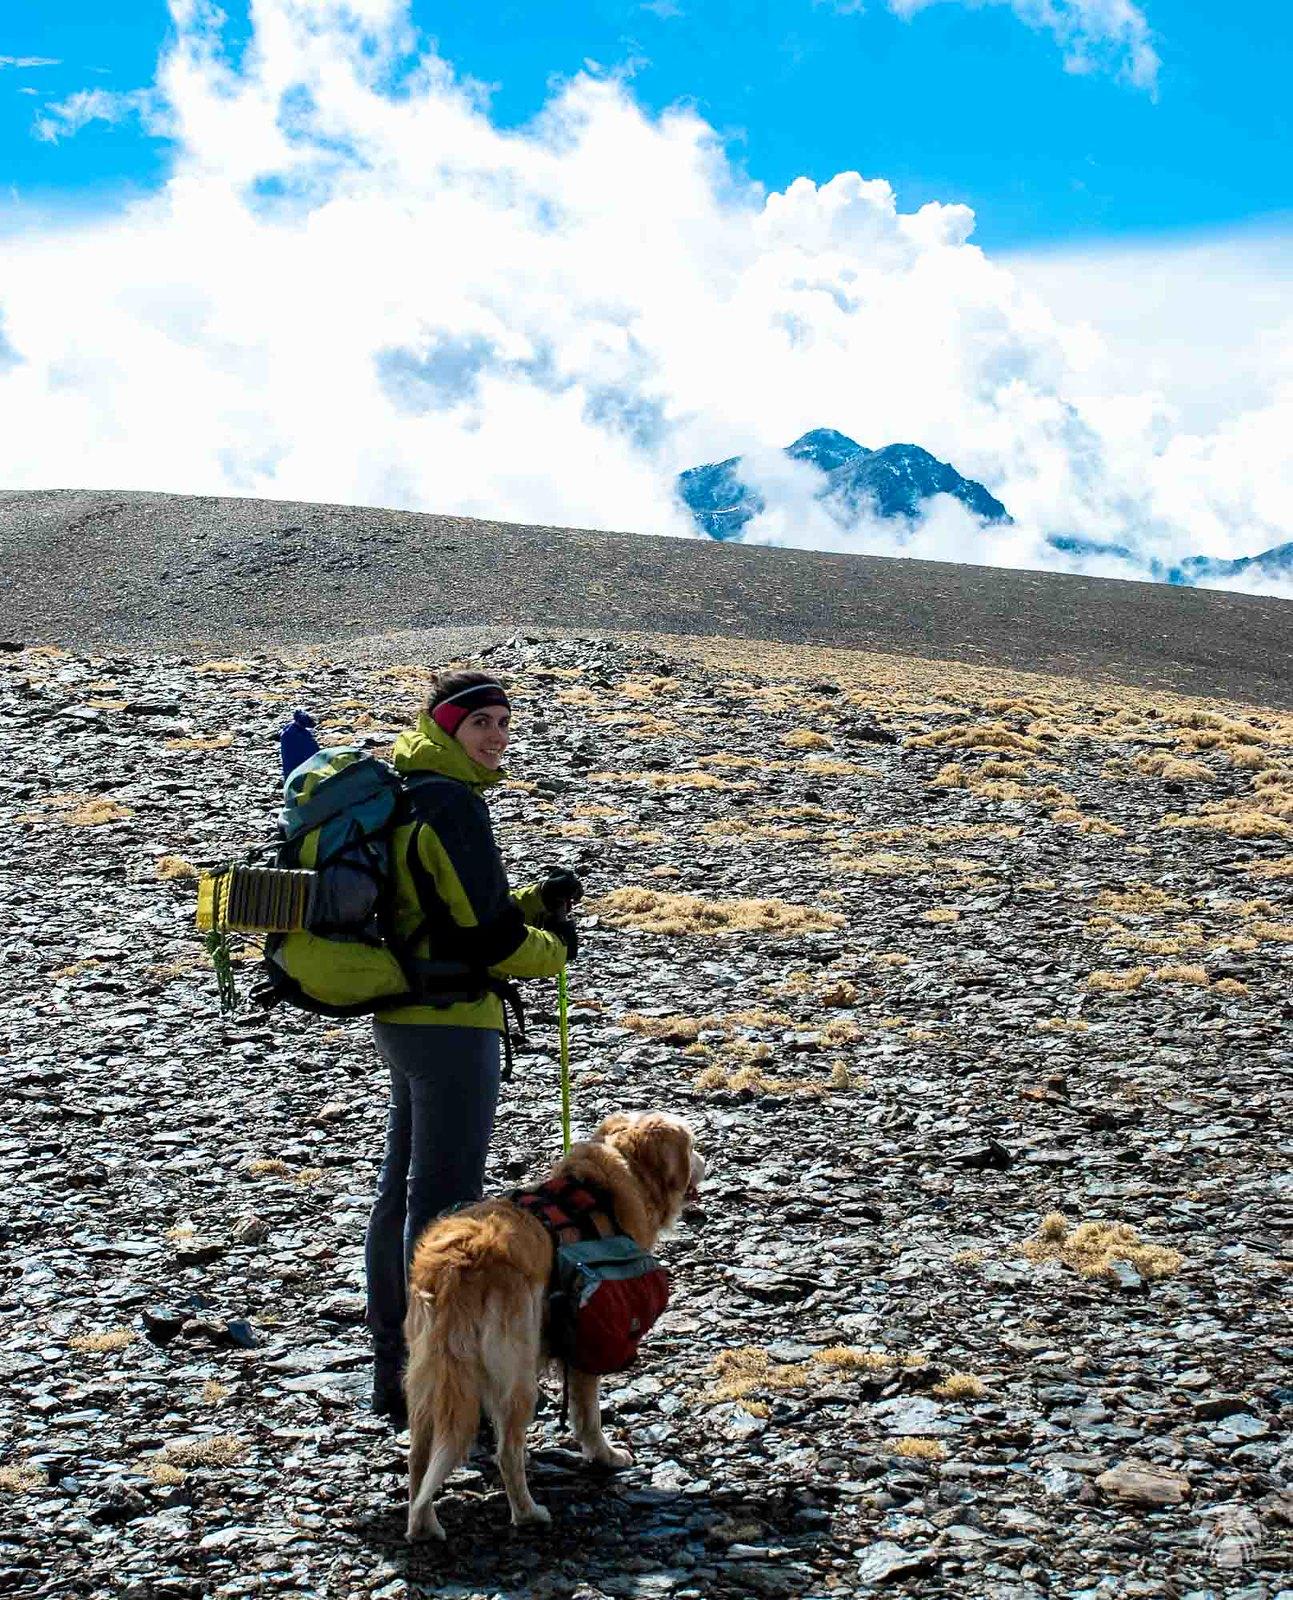 Las más altas cumbres de Sierra Nevada asoman al fondo